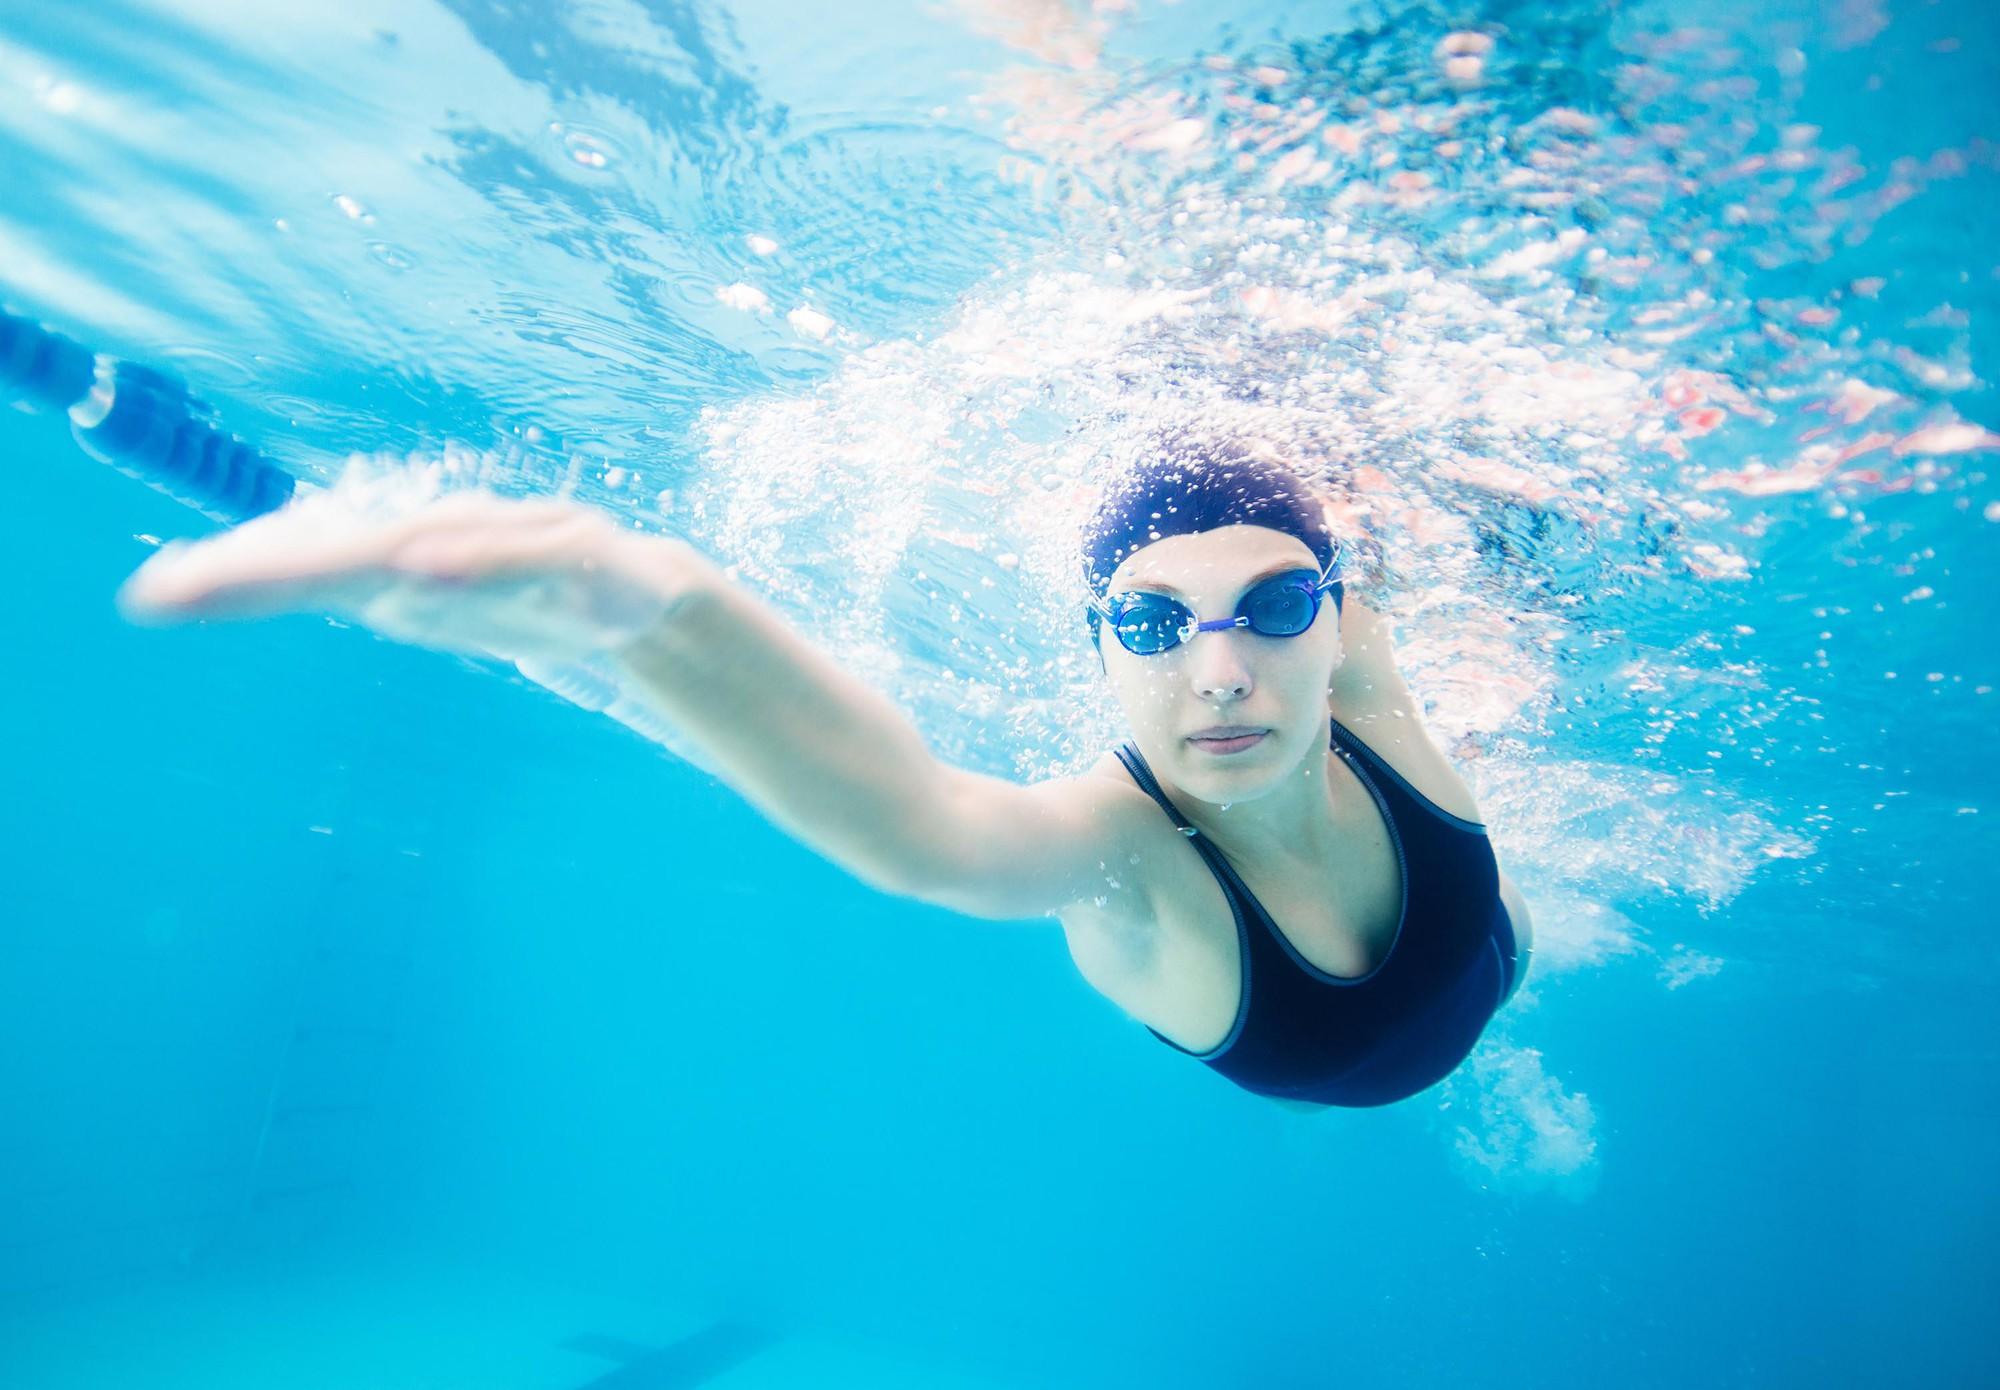 Lợi ích tuyệt vời của môn bơi lội tốt cho sức khỏe